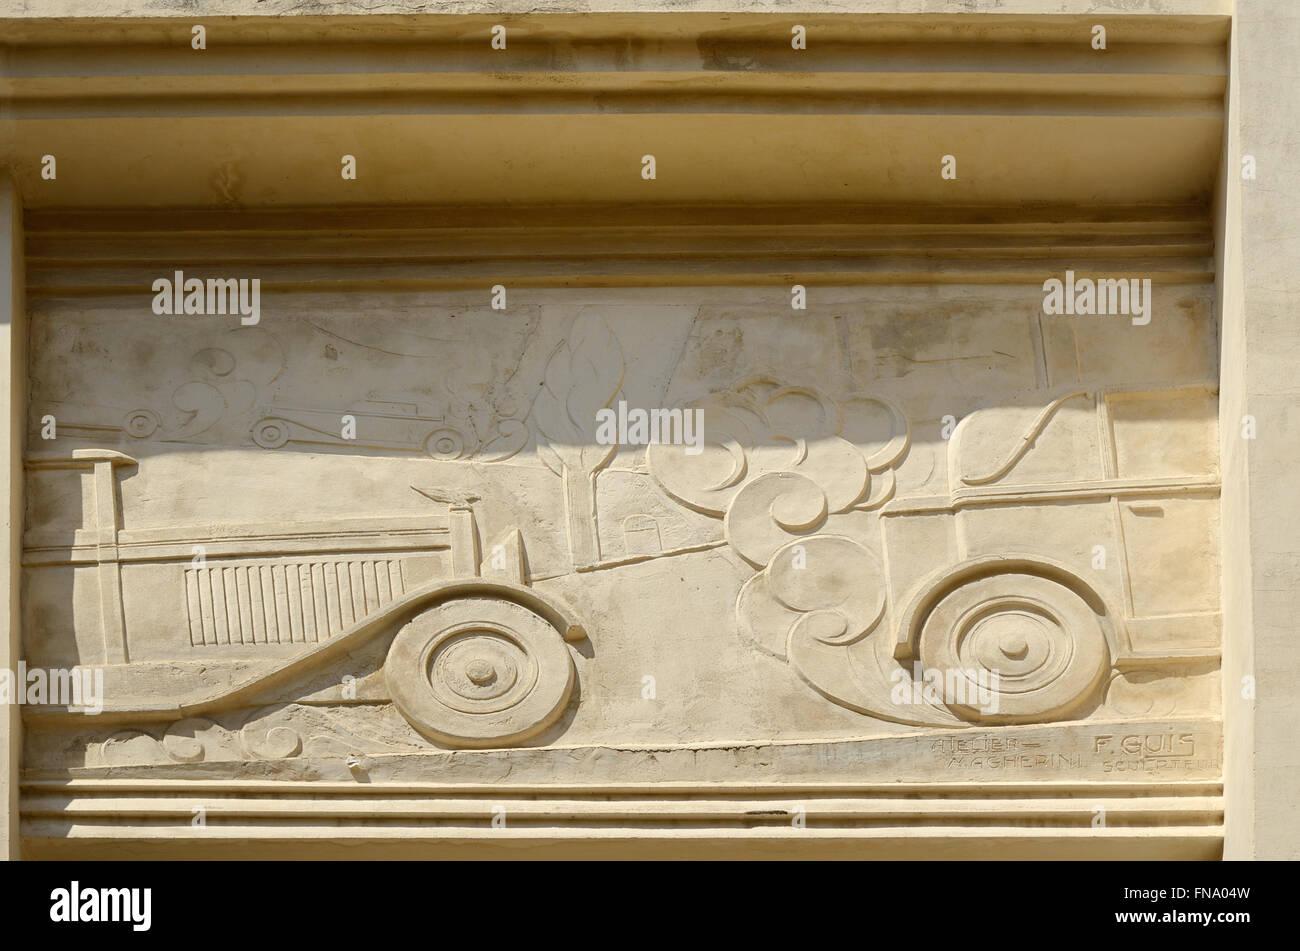 Façade 1920s Art Deco Garage Devoulx Bas-Relief or Carving of ...